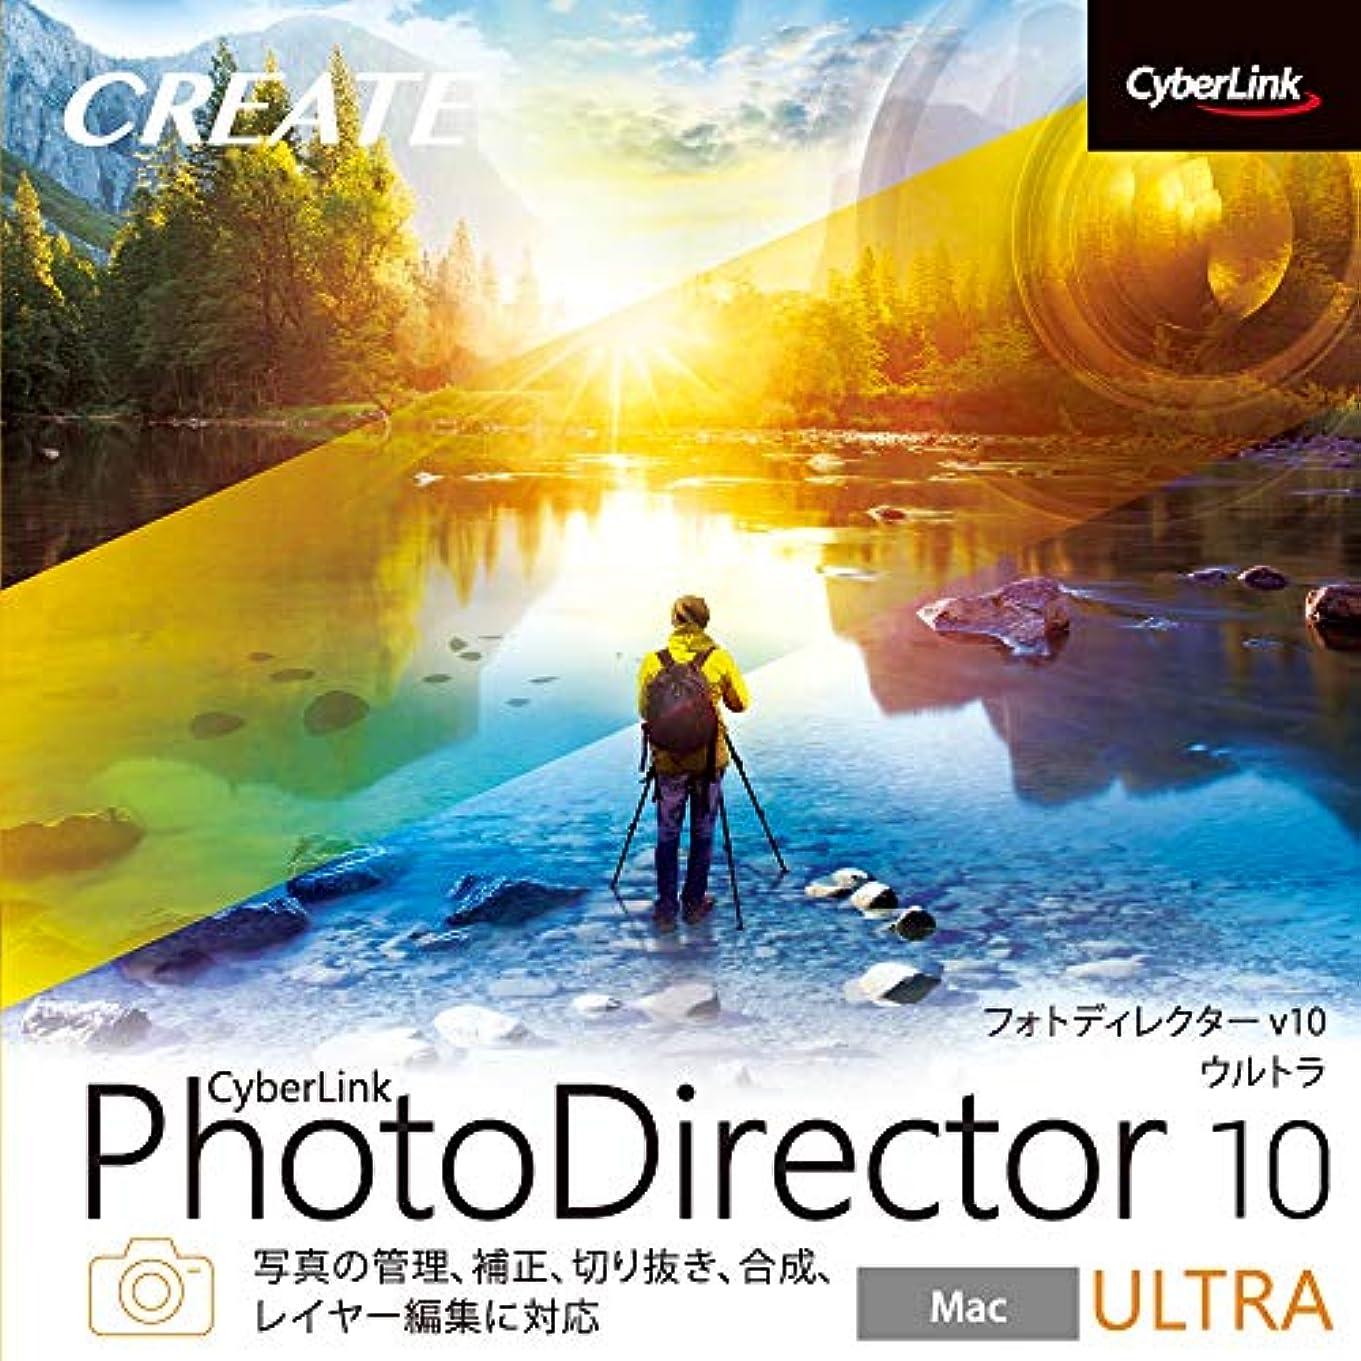 舗装する溶融水曜日PhotoDirector 10 Ultra Macintosh用|ダウンロード版